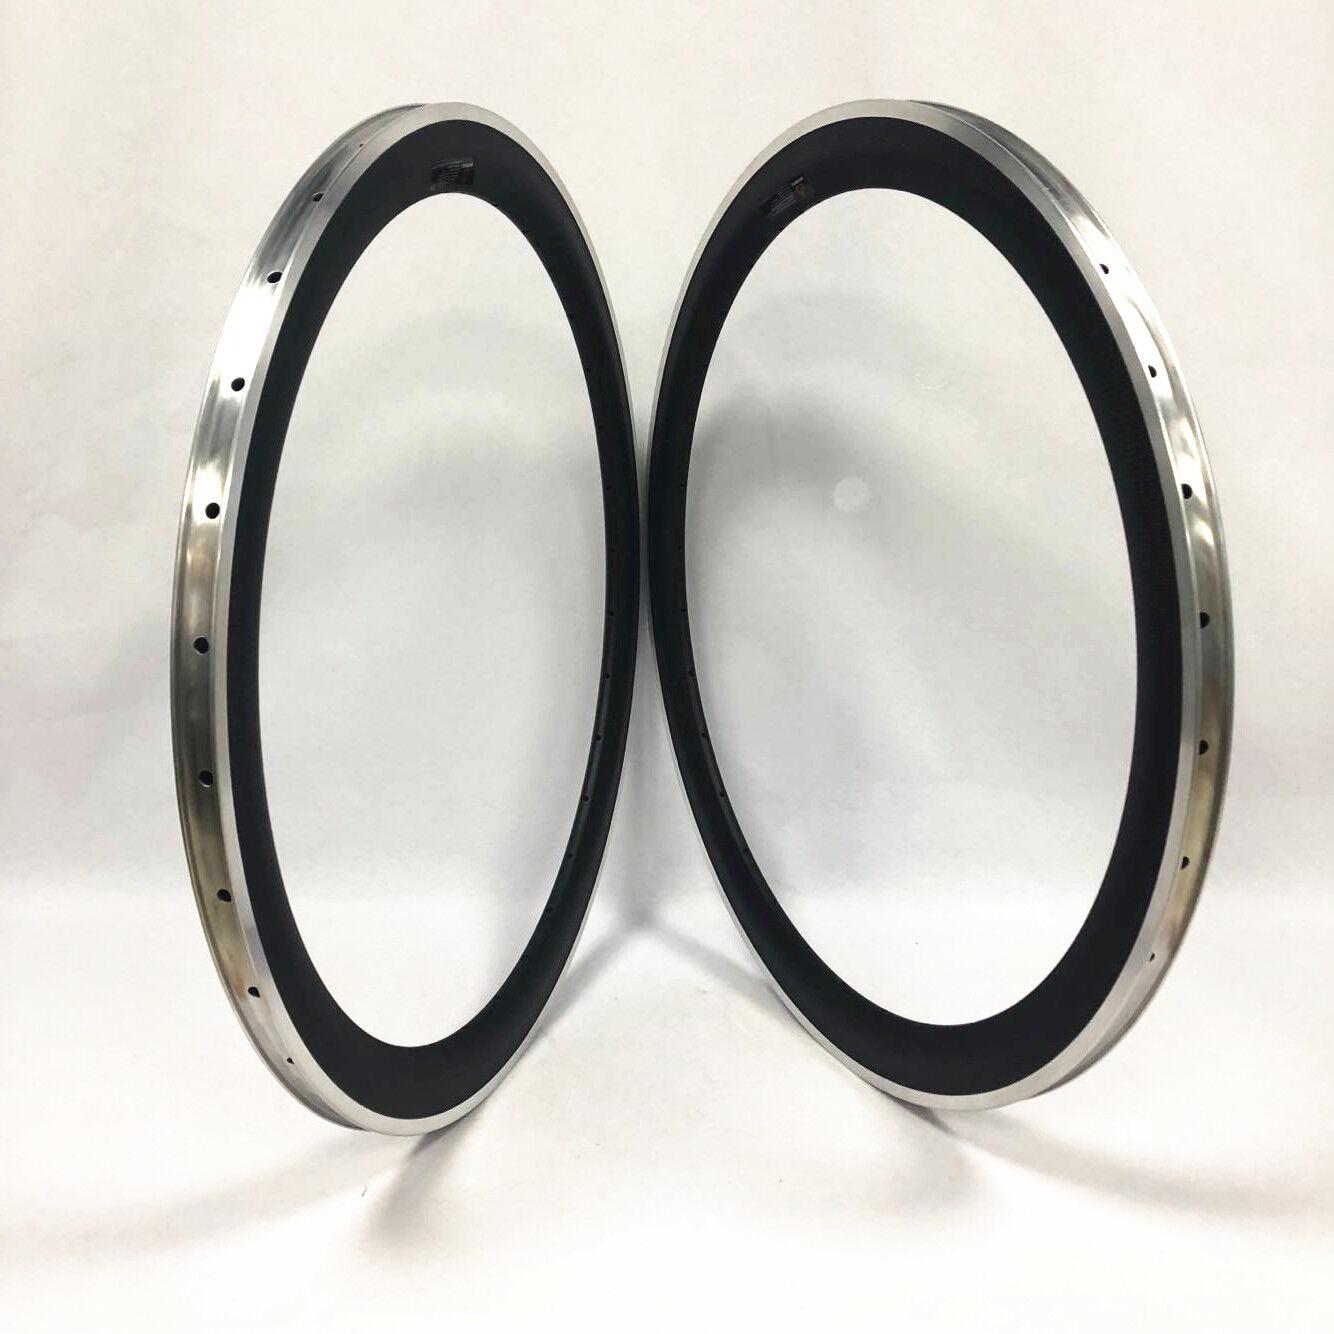 700C 23mm Breite 50mm Tiefe Klinker Carbon Felge mit Legierungsbremskante